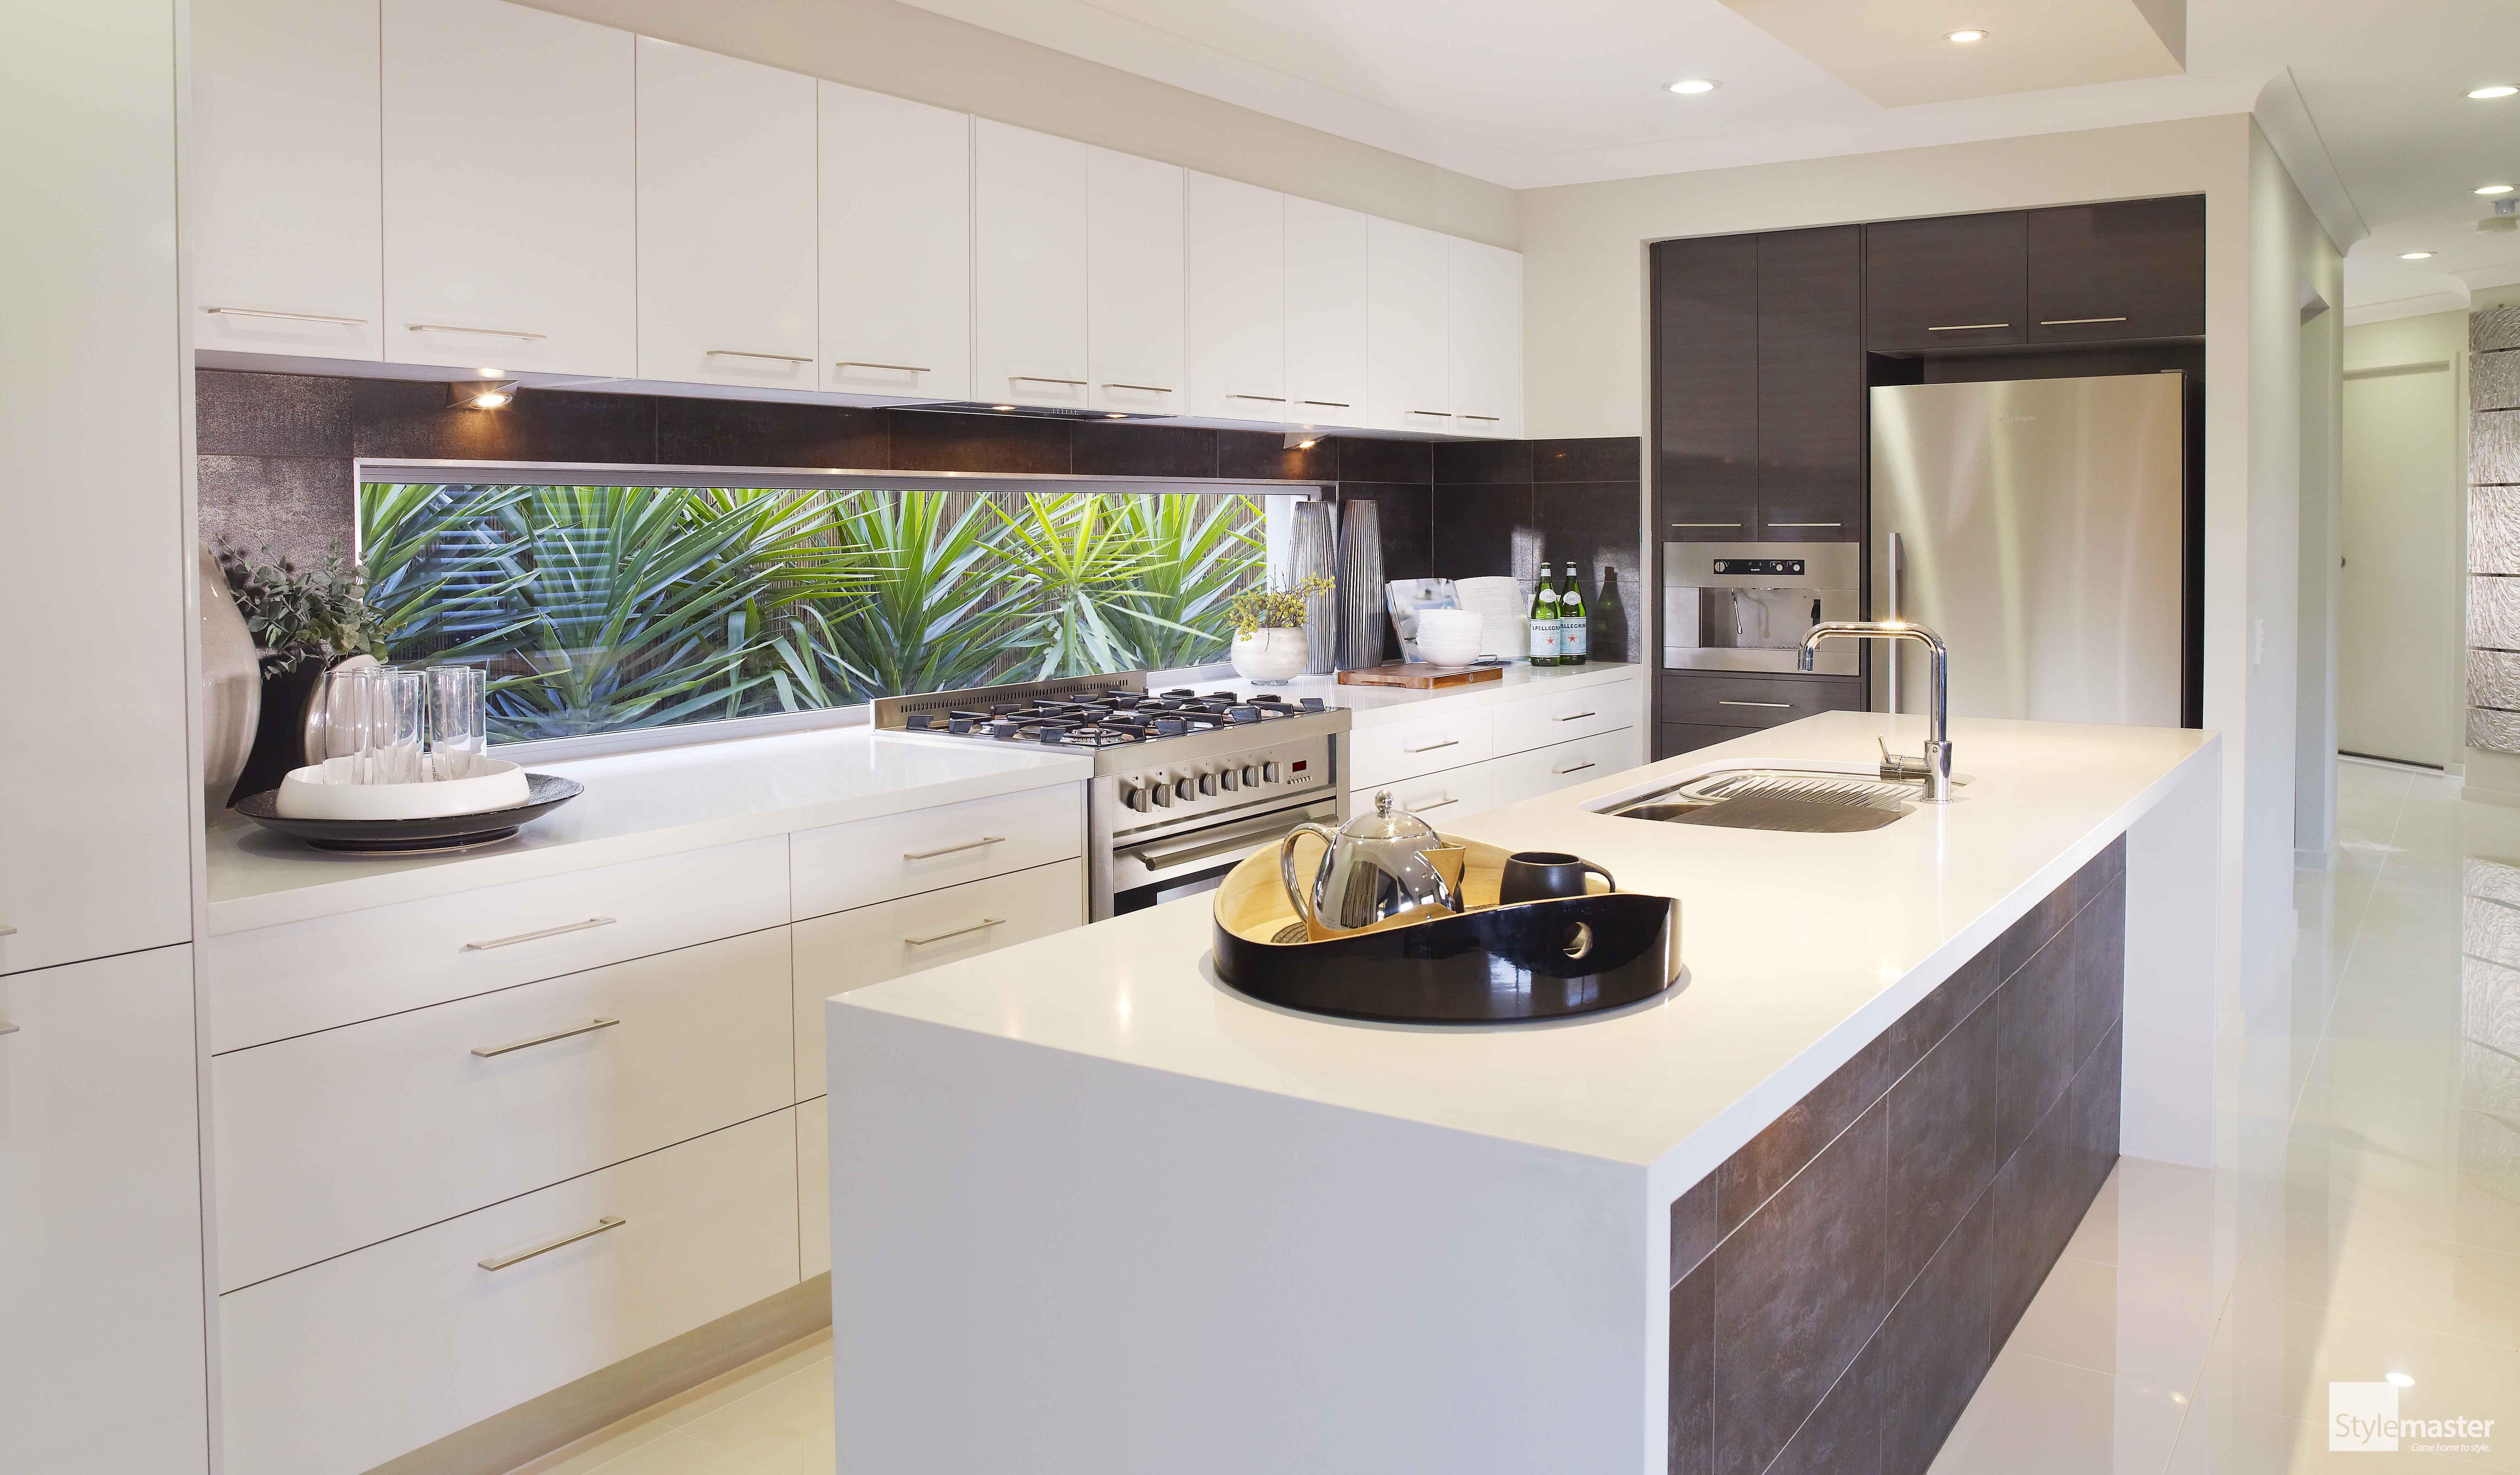 The manhattan kitchen by stylemaster homes homebuilder kitchendesign kitcheninspo - Manhattan kitchen design ...